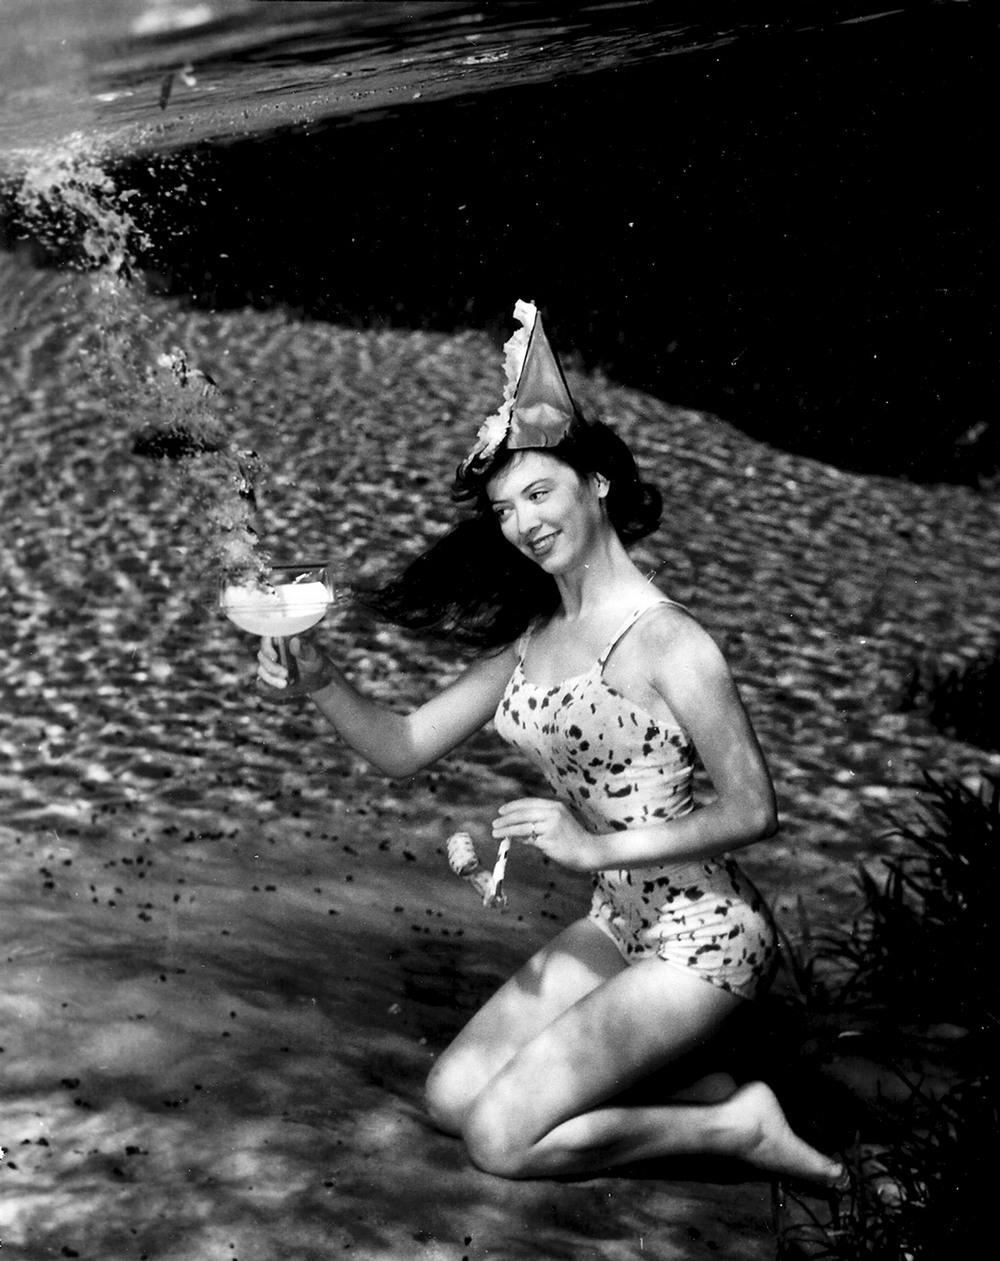 Пин-ап фотосессия 1938 года от пионера подводной фотографии Брюса Мозерта 5